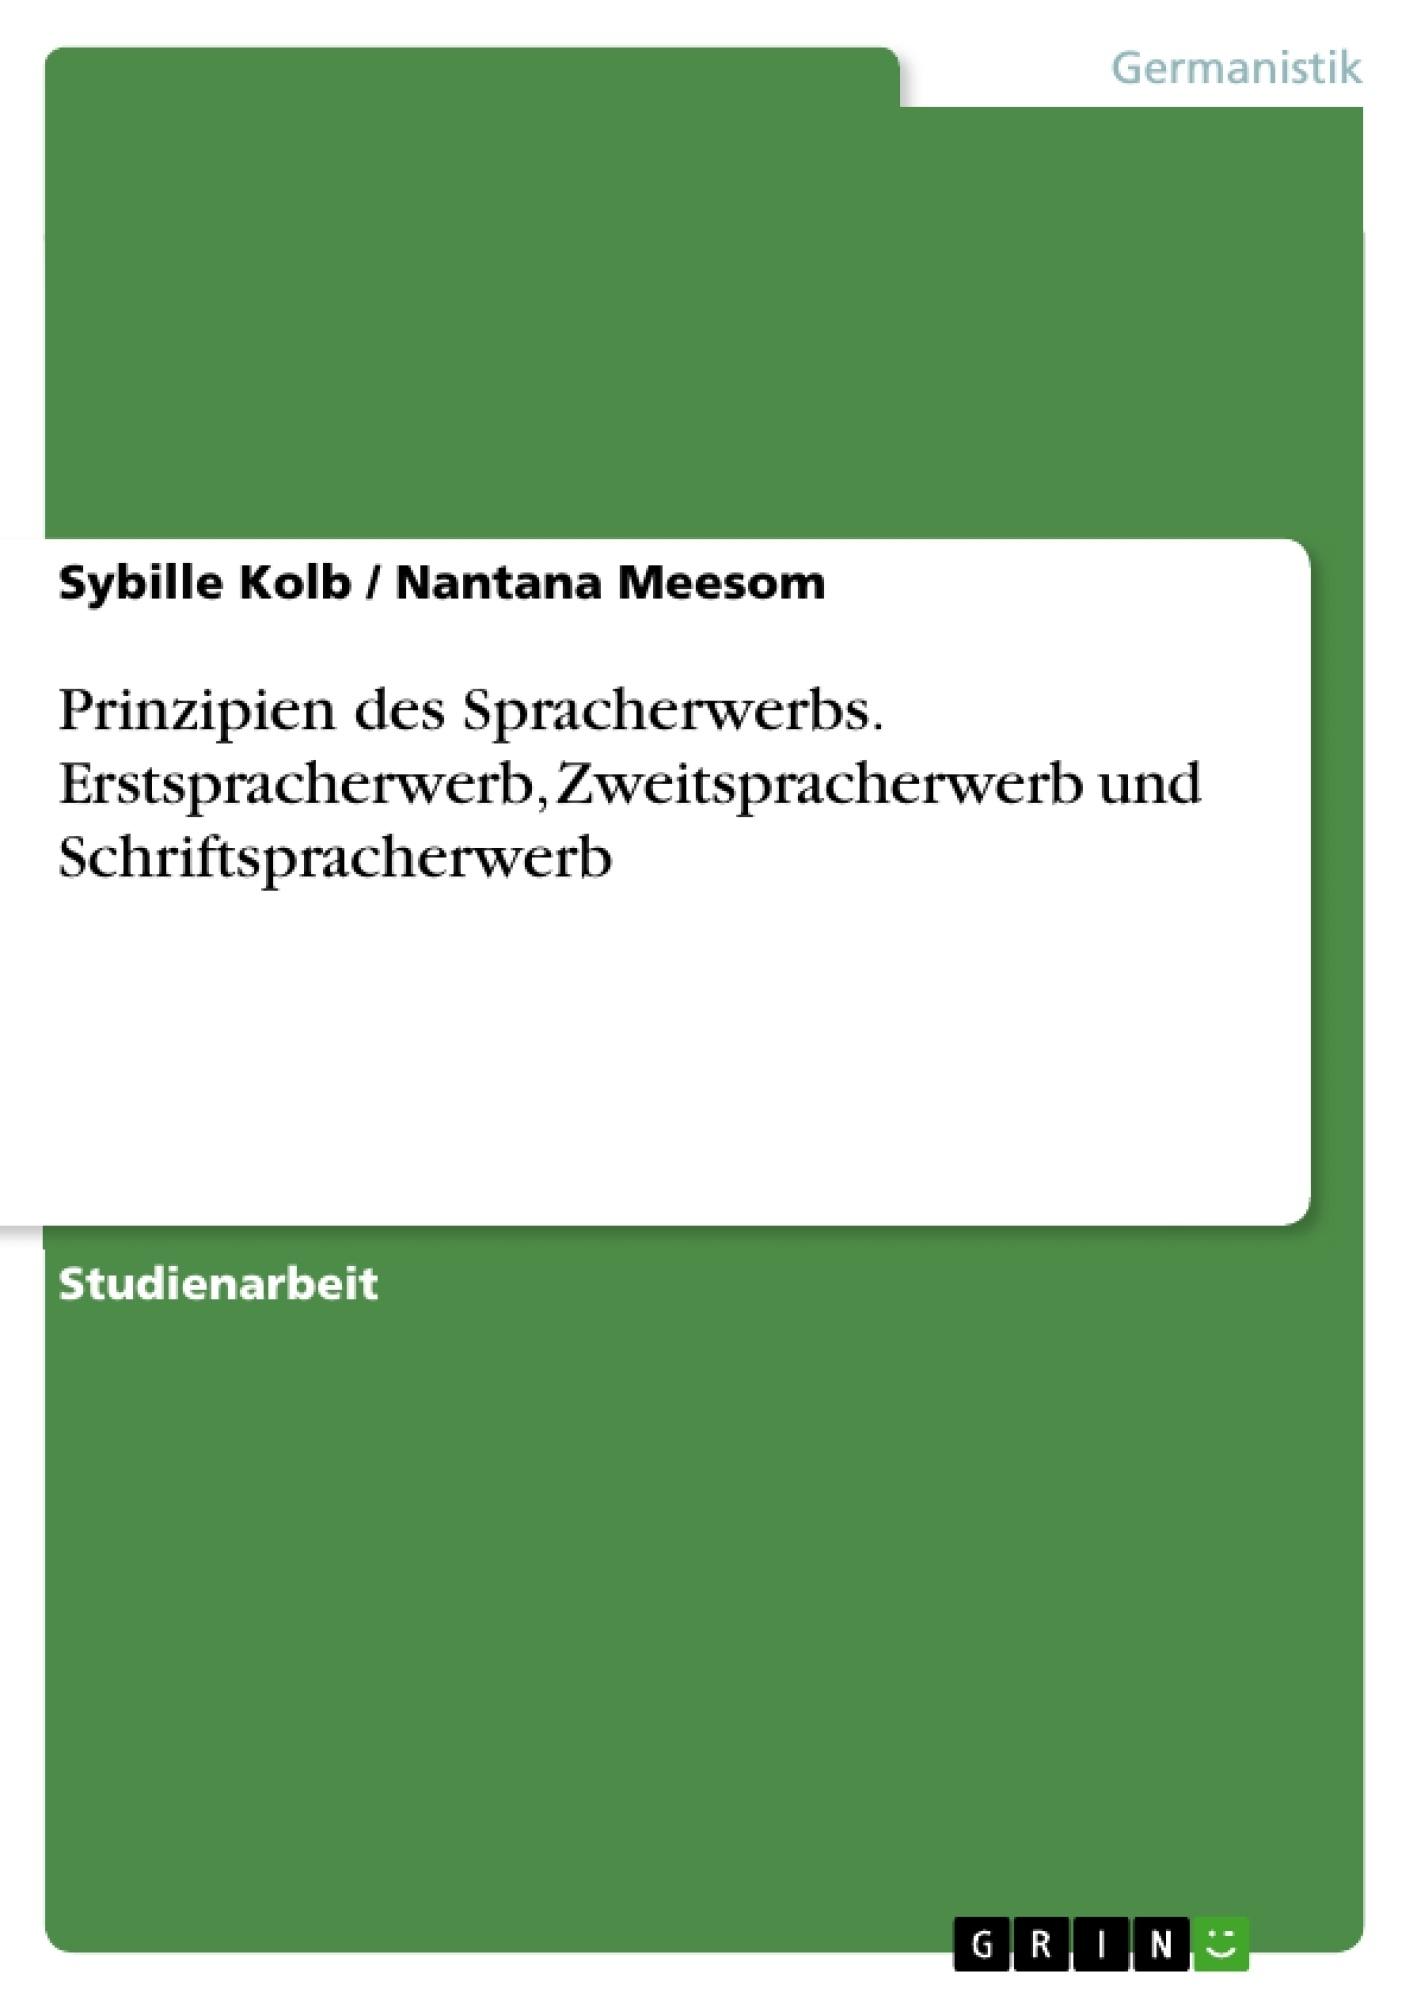 Titel: Prinzipien des Spracherwerbs. Erstspracherwerb, Zweitspracherwerb und Schriftspracherwerb